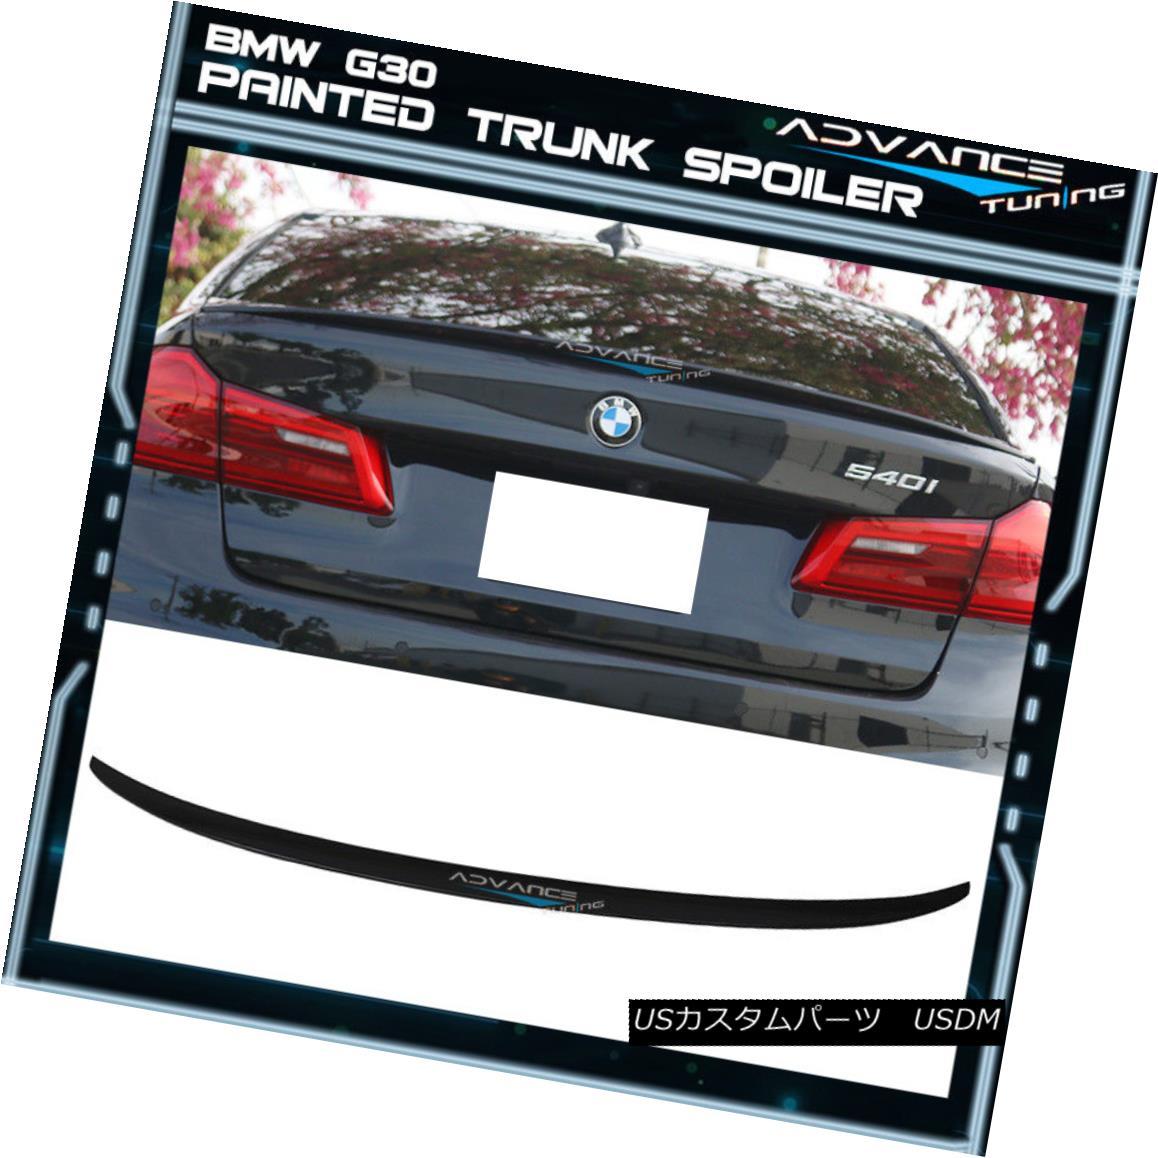 エアロパーツ 17-18 G30 M5 P Style Trunk Spoiler OEM Painted #475 Black Sapphire Metallic 17-18 G30 M5 Pスタイルのトランク・スポイラーOEM塗装#475ブラック・サファイア・メタリック